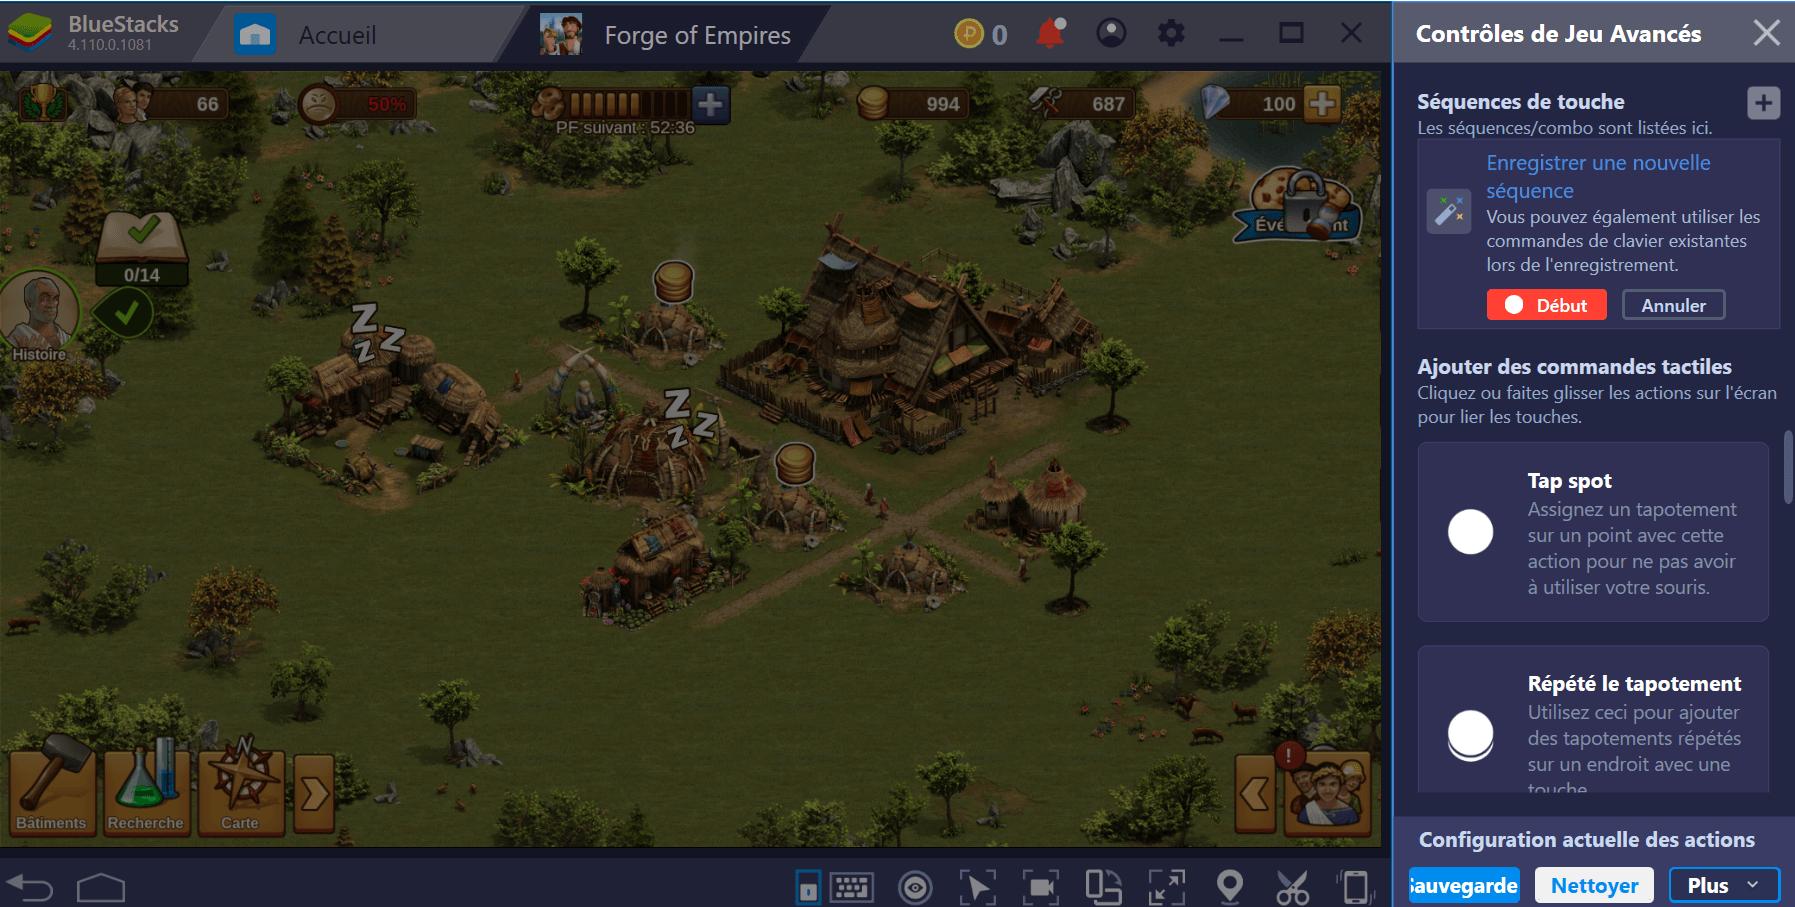 Comment progresser rapidement dans Forge of Empires grâce à BlueStacks